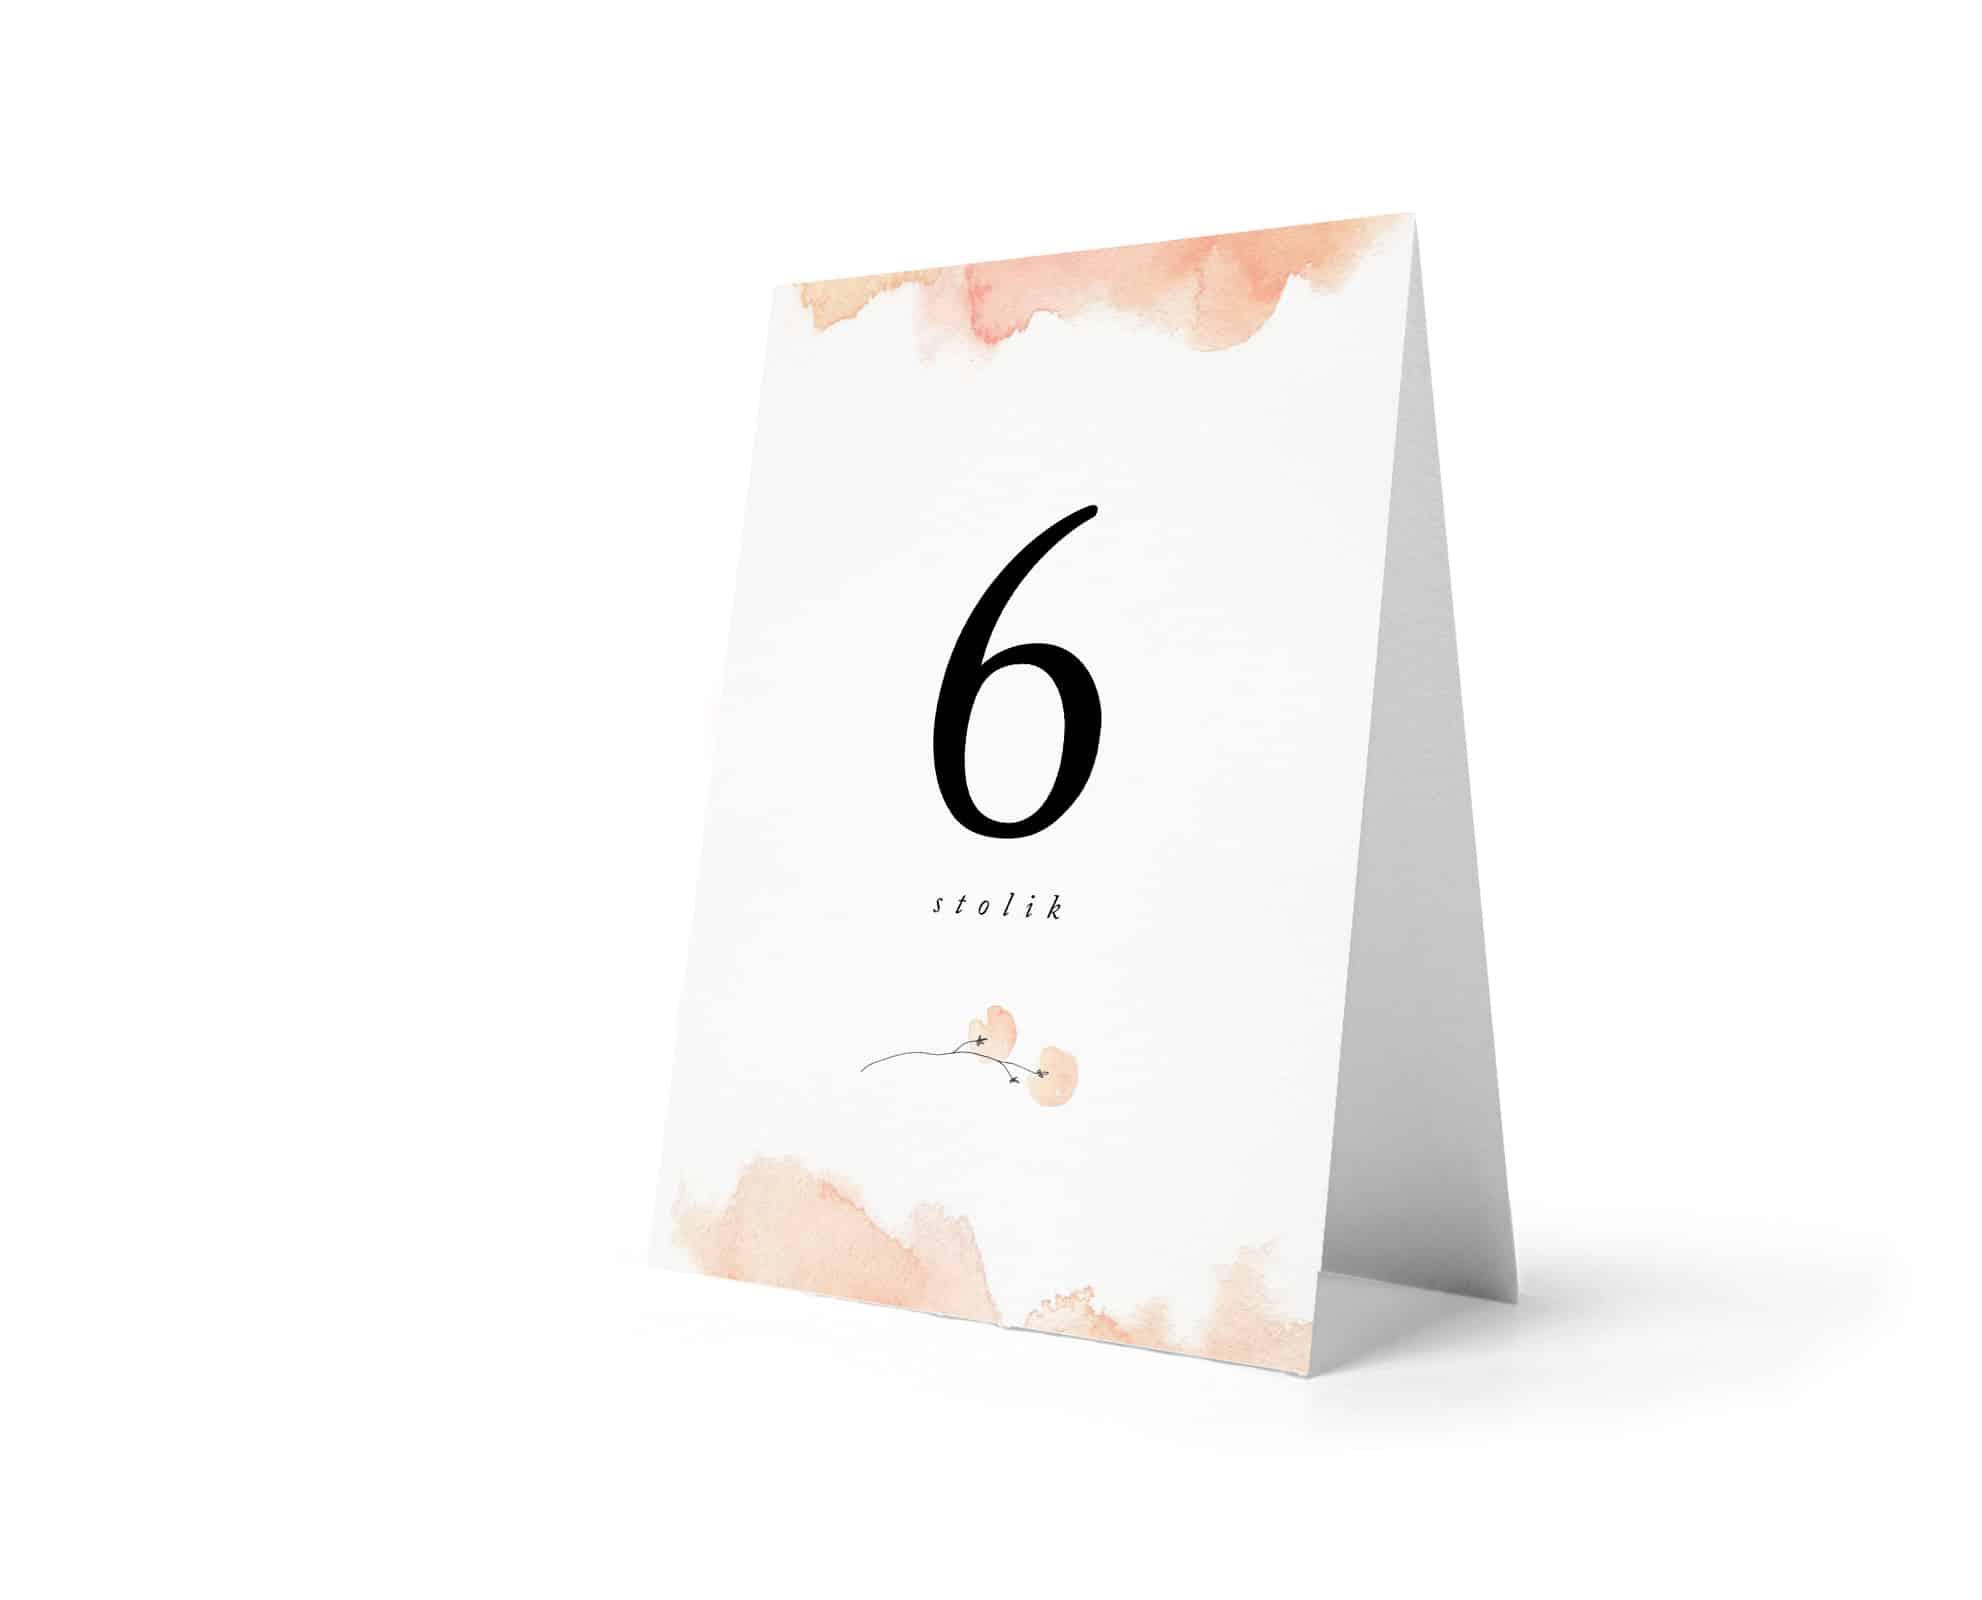 Numery na stołu w kolorze brzoskwiniowym, jasne, proste